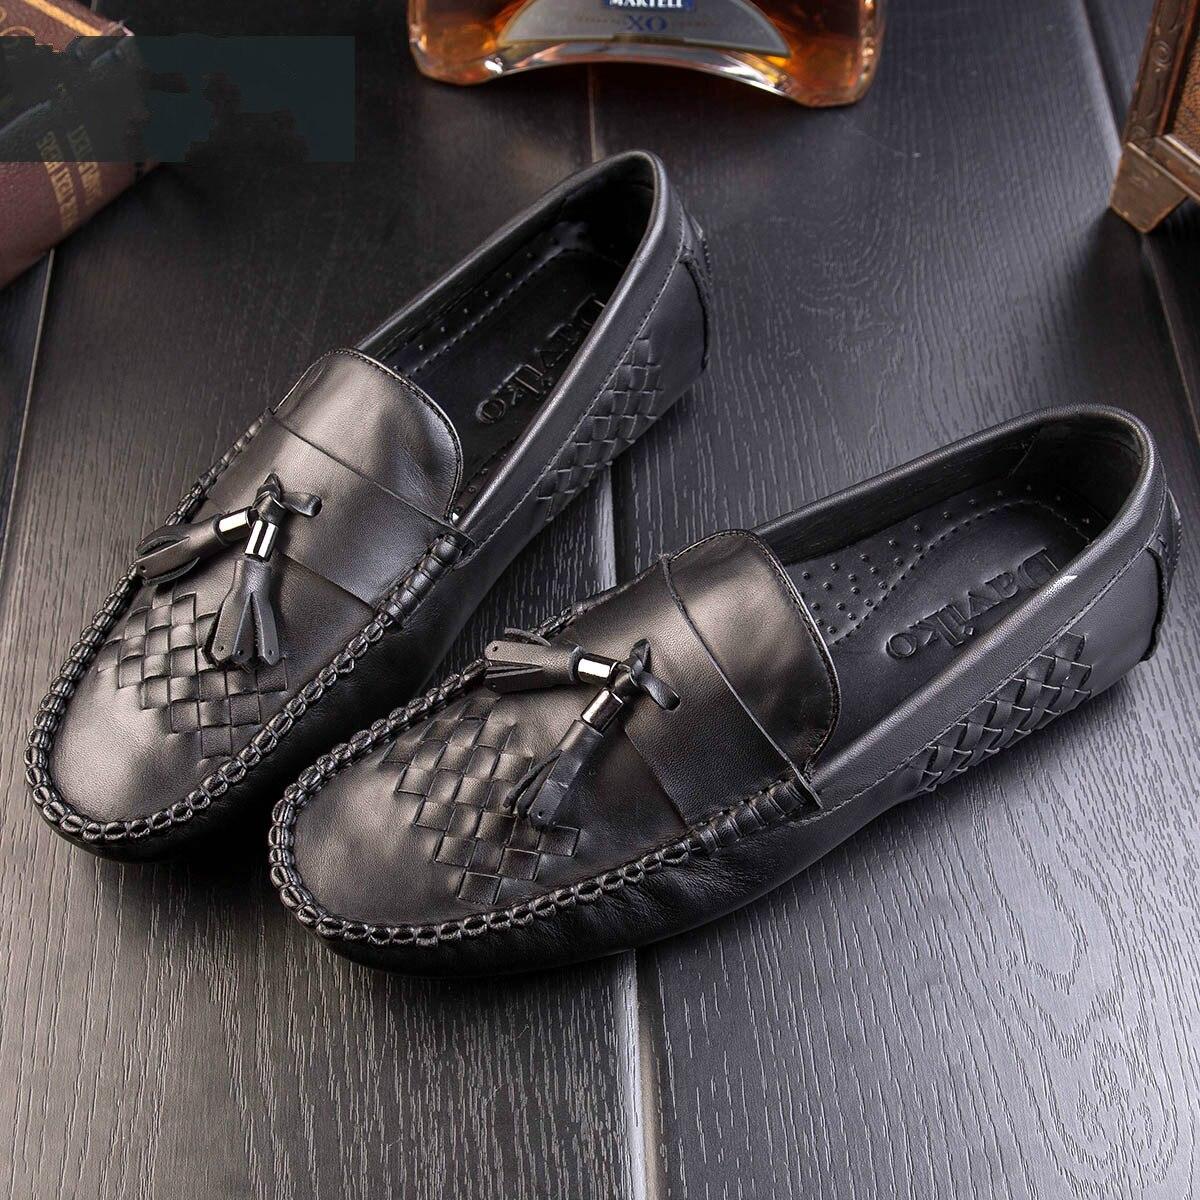 Sociale Noir Chaussures Conduite Marée Hommes De Pois Printemps TFc3J1lK